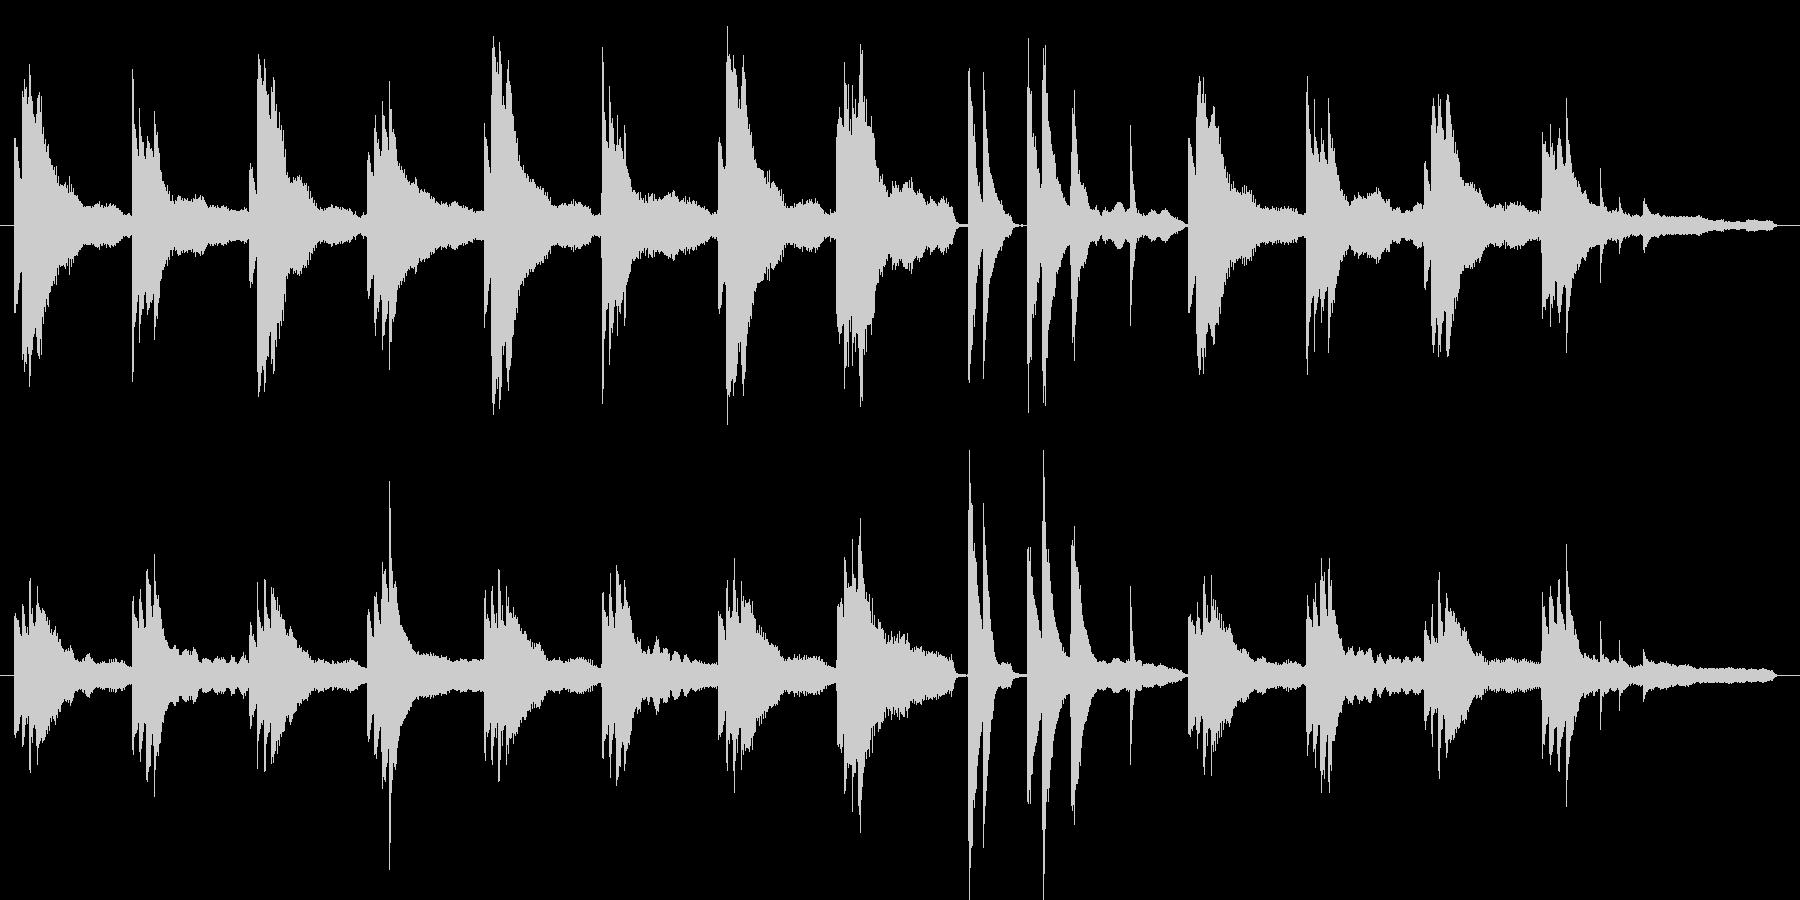 怪しい、不穏な空気のピアノソロ劇伴の未再生の波形